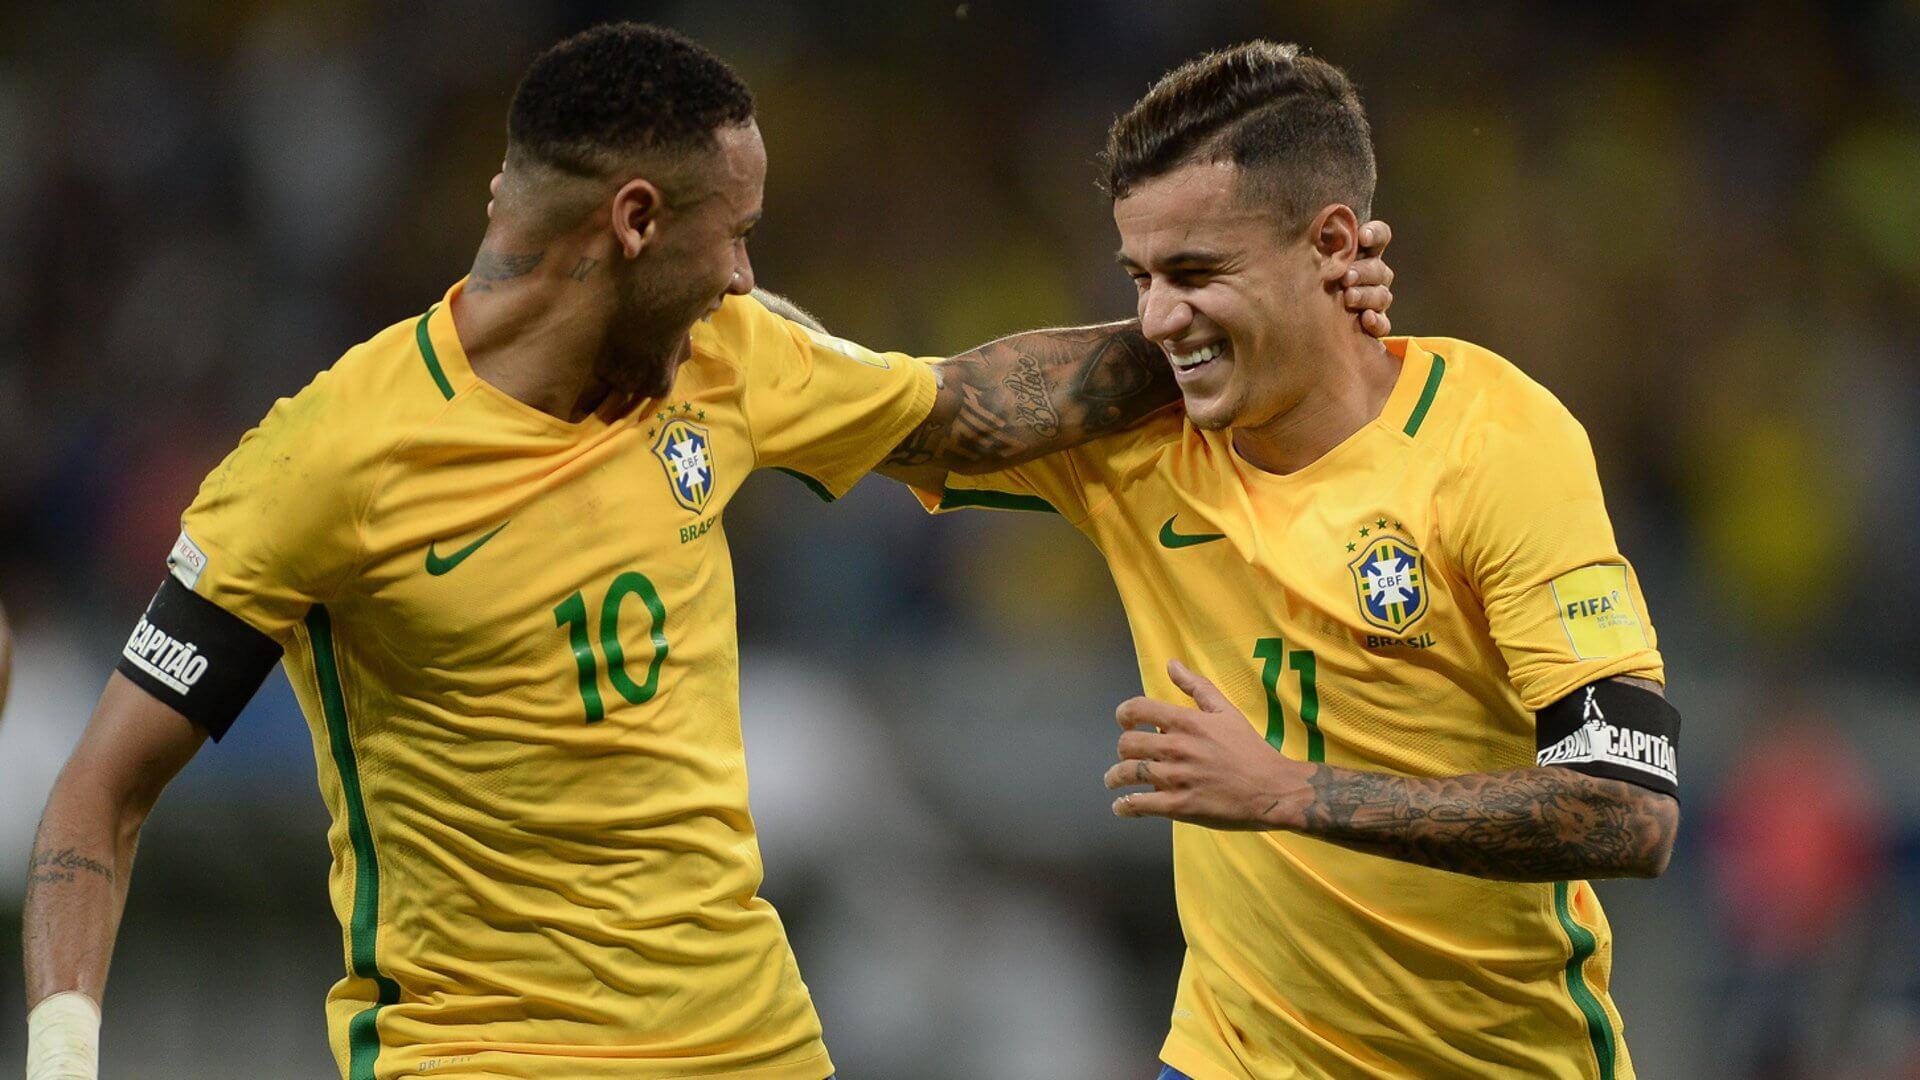 Brésil quarts de finale coupe du monde